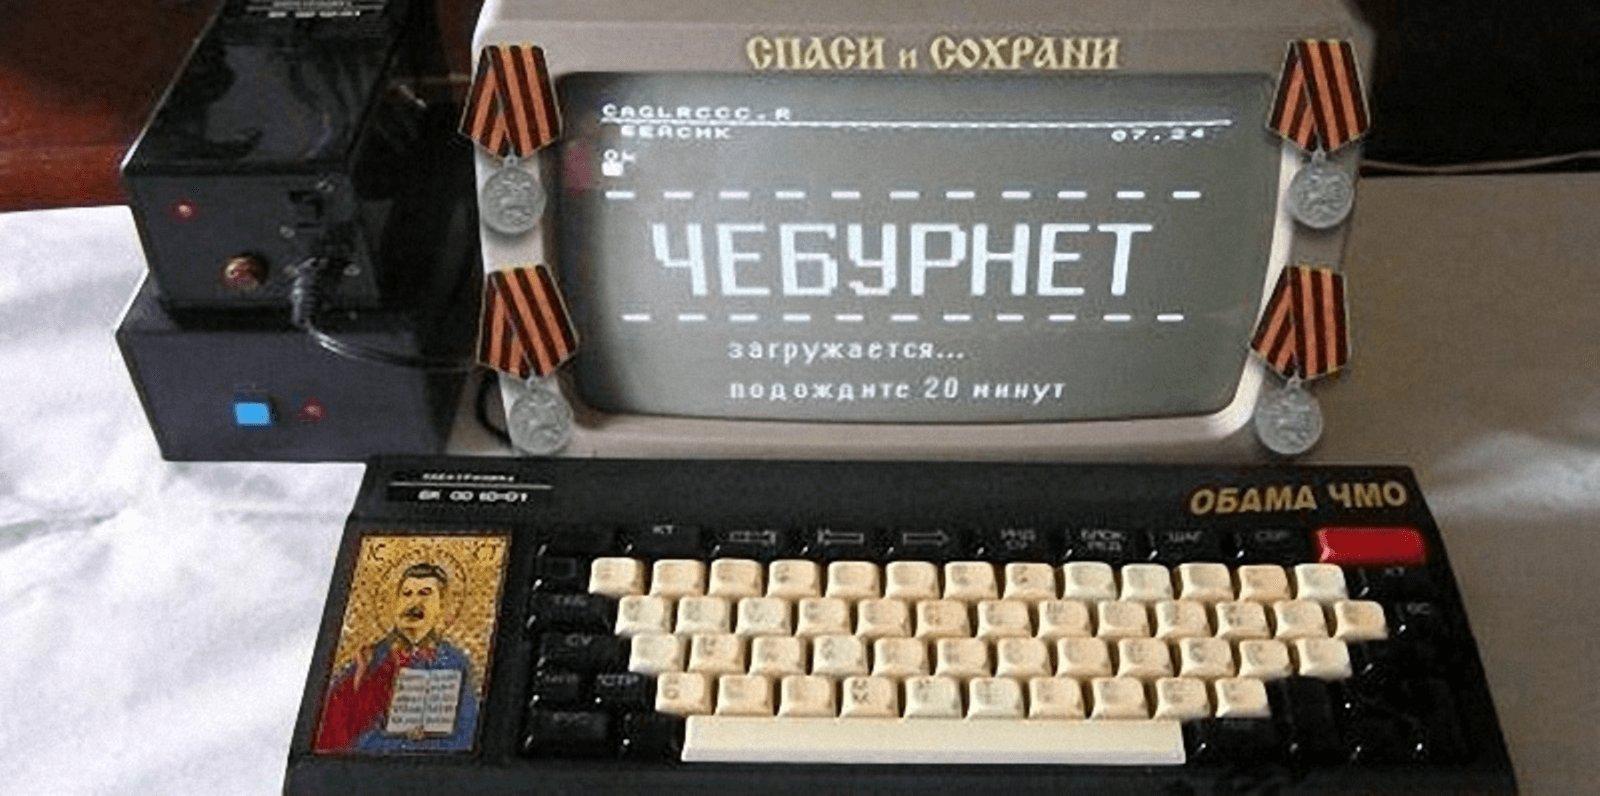 """Росія готова до створення """"альтернативного інтернету"""", - МЗС РФ - Цензор.НЕТ 7028"""